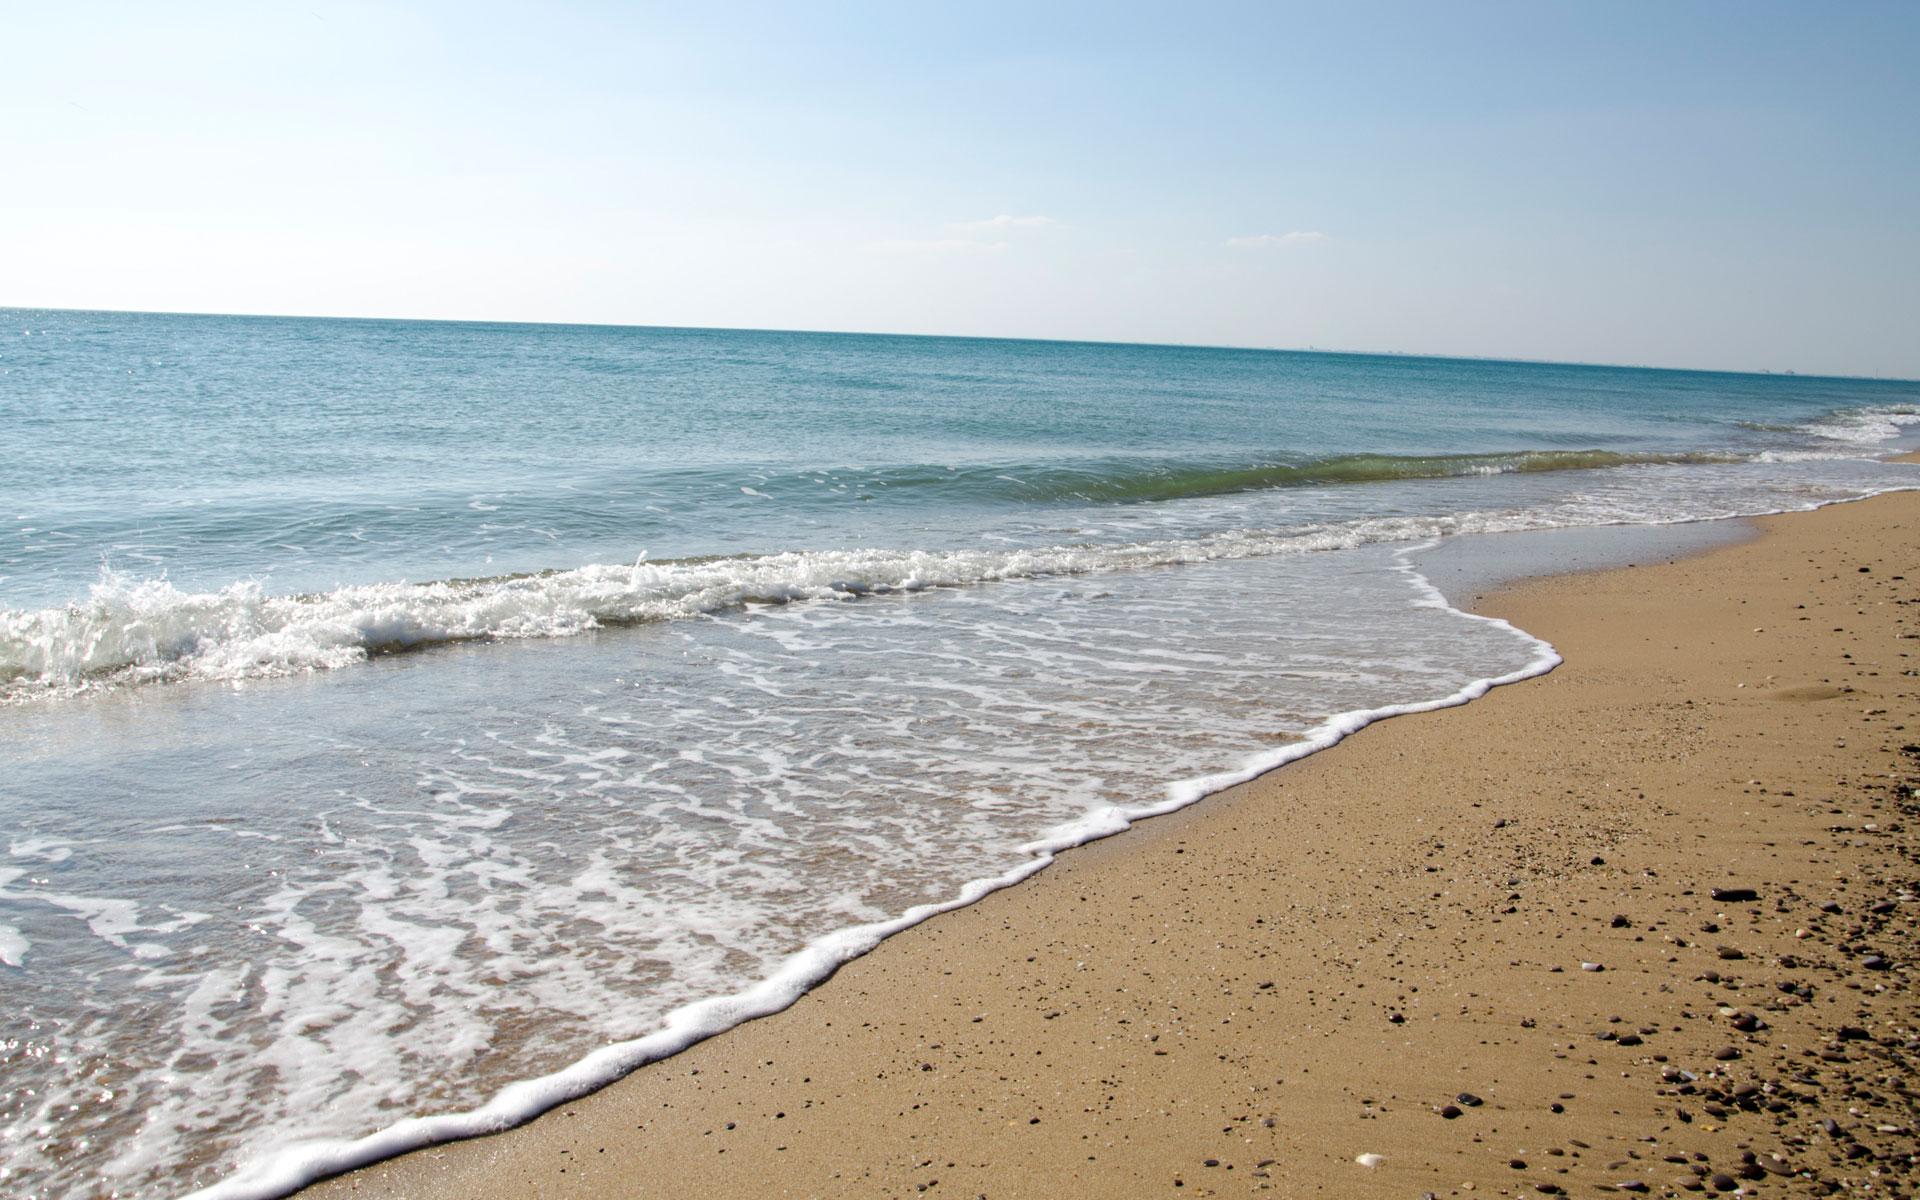 Саки. Море в межсезонье 2019. Фото Сак